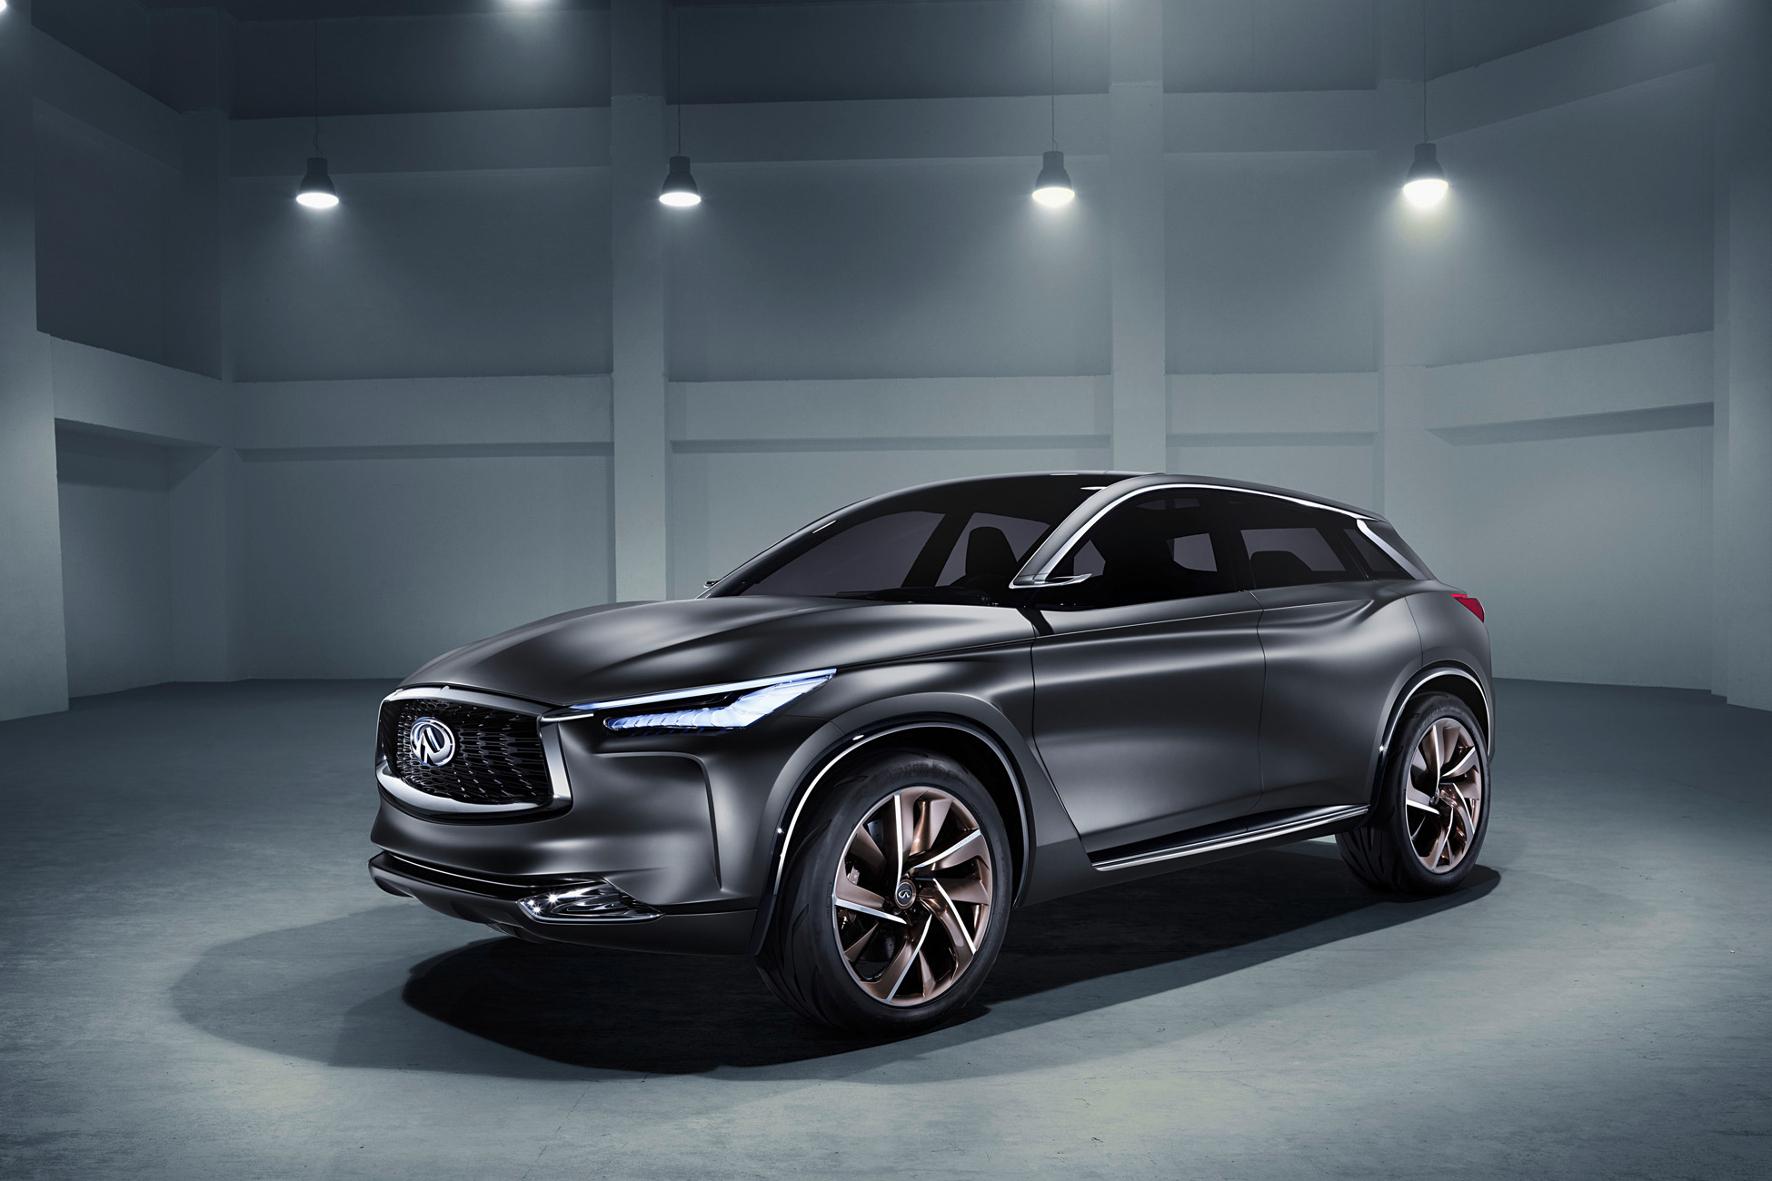 Paris - Weiterentwickelt: Sport Inspiration heißt diese QX-Studie Infiniti, die zeigt, wie deren Autos morgen aussehen sollen.